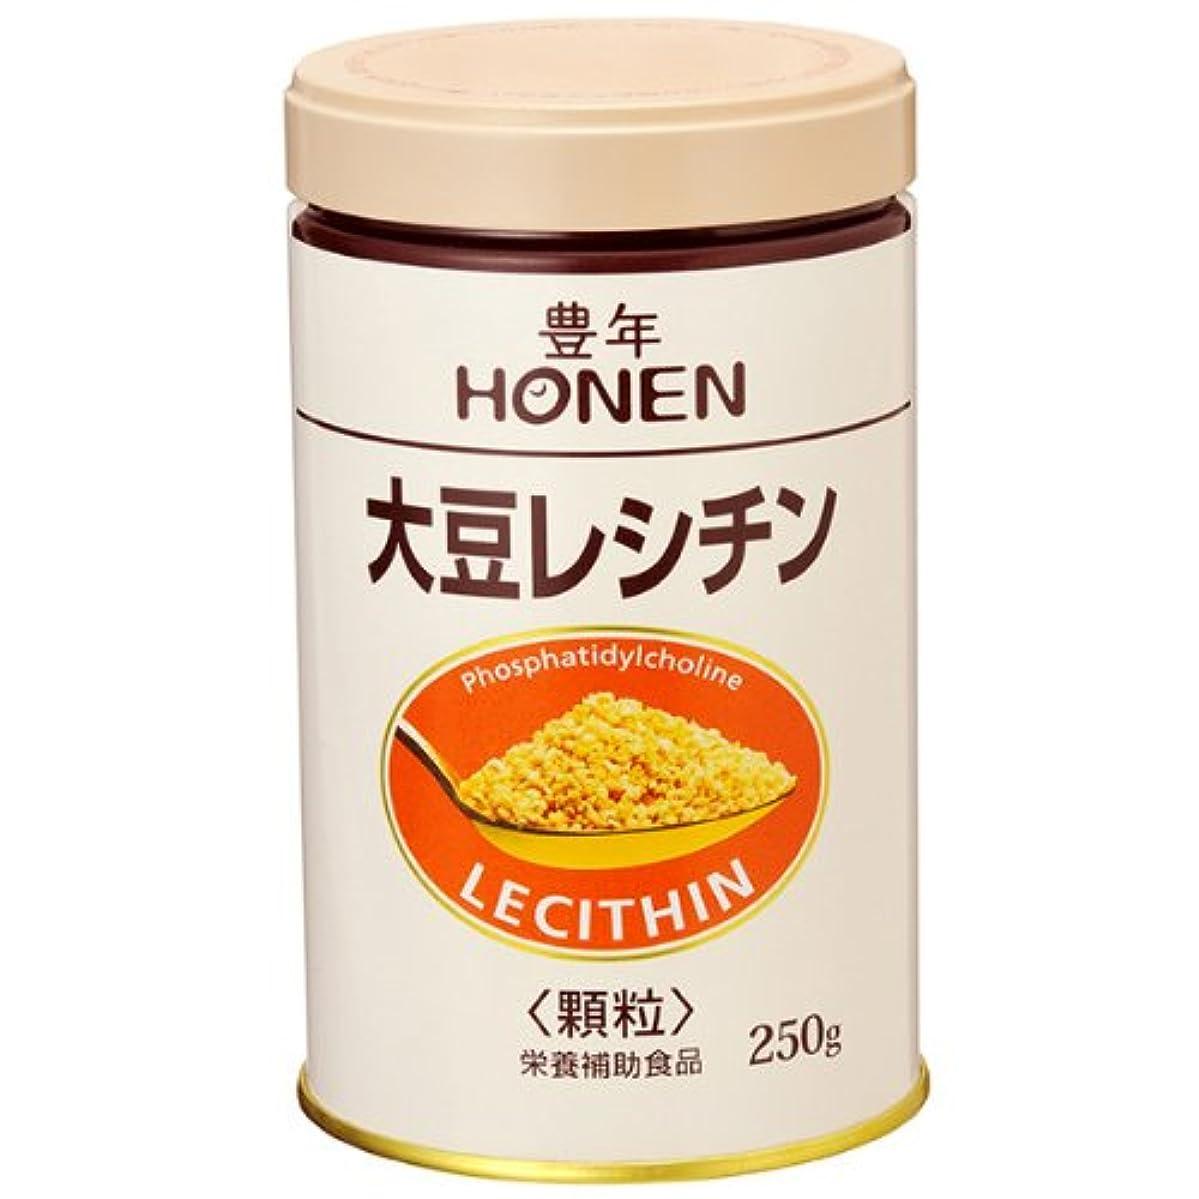 準備グリップエンドウ豊年 大豆レシチン(顆粒250g缶)